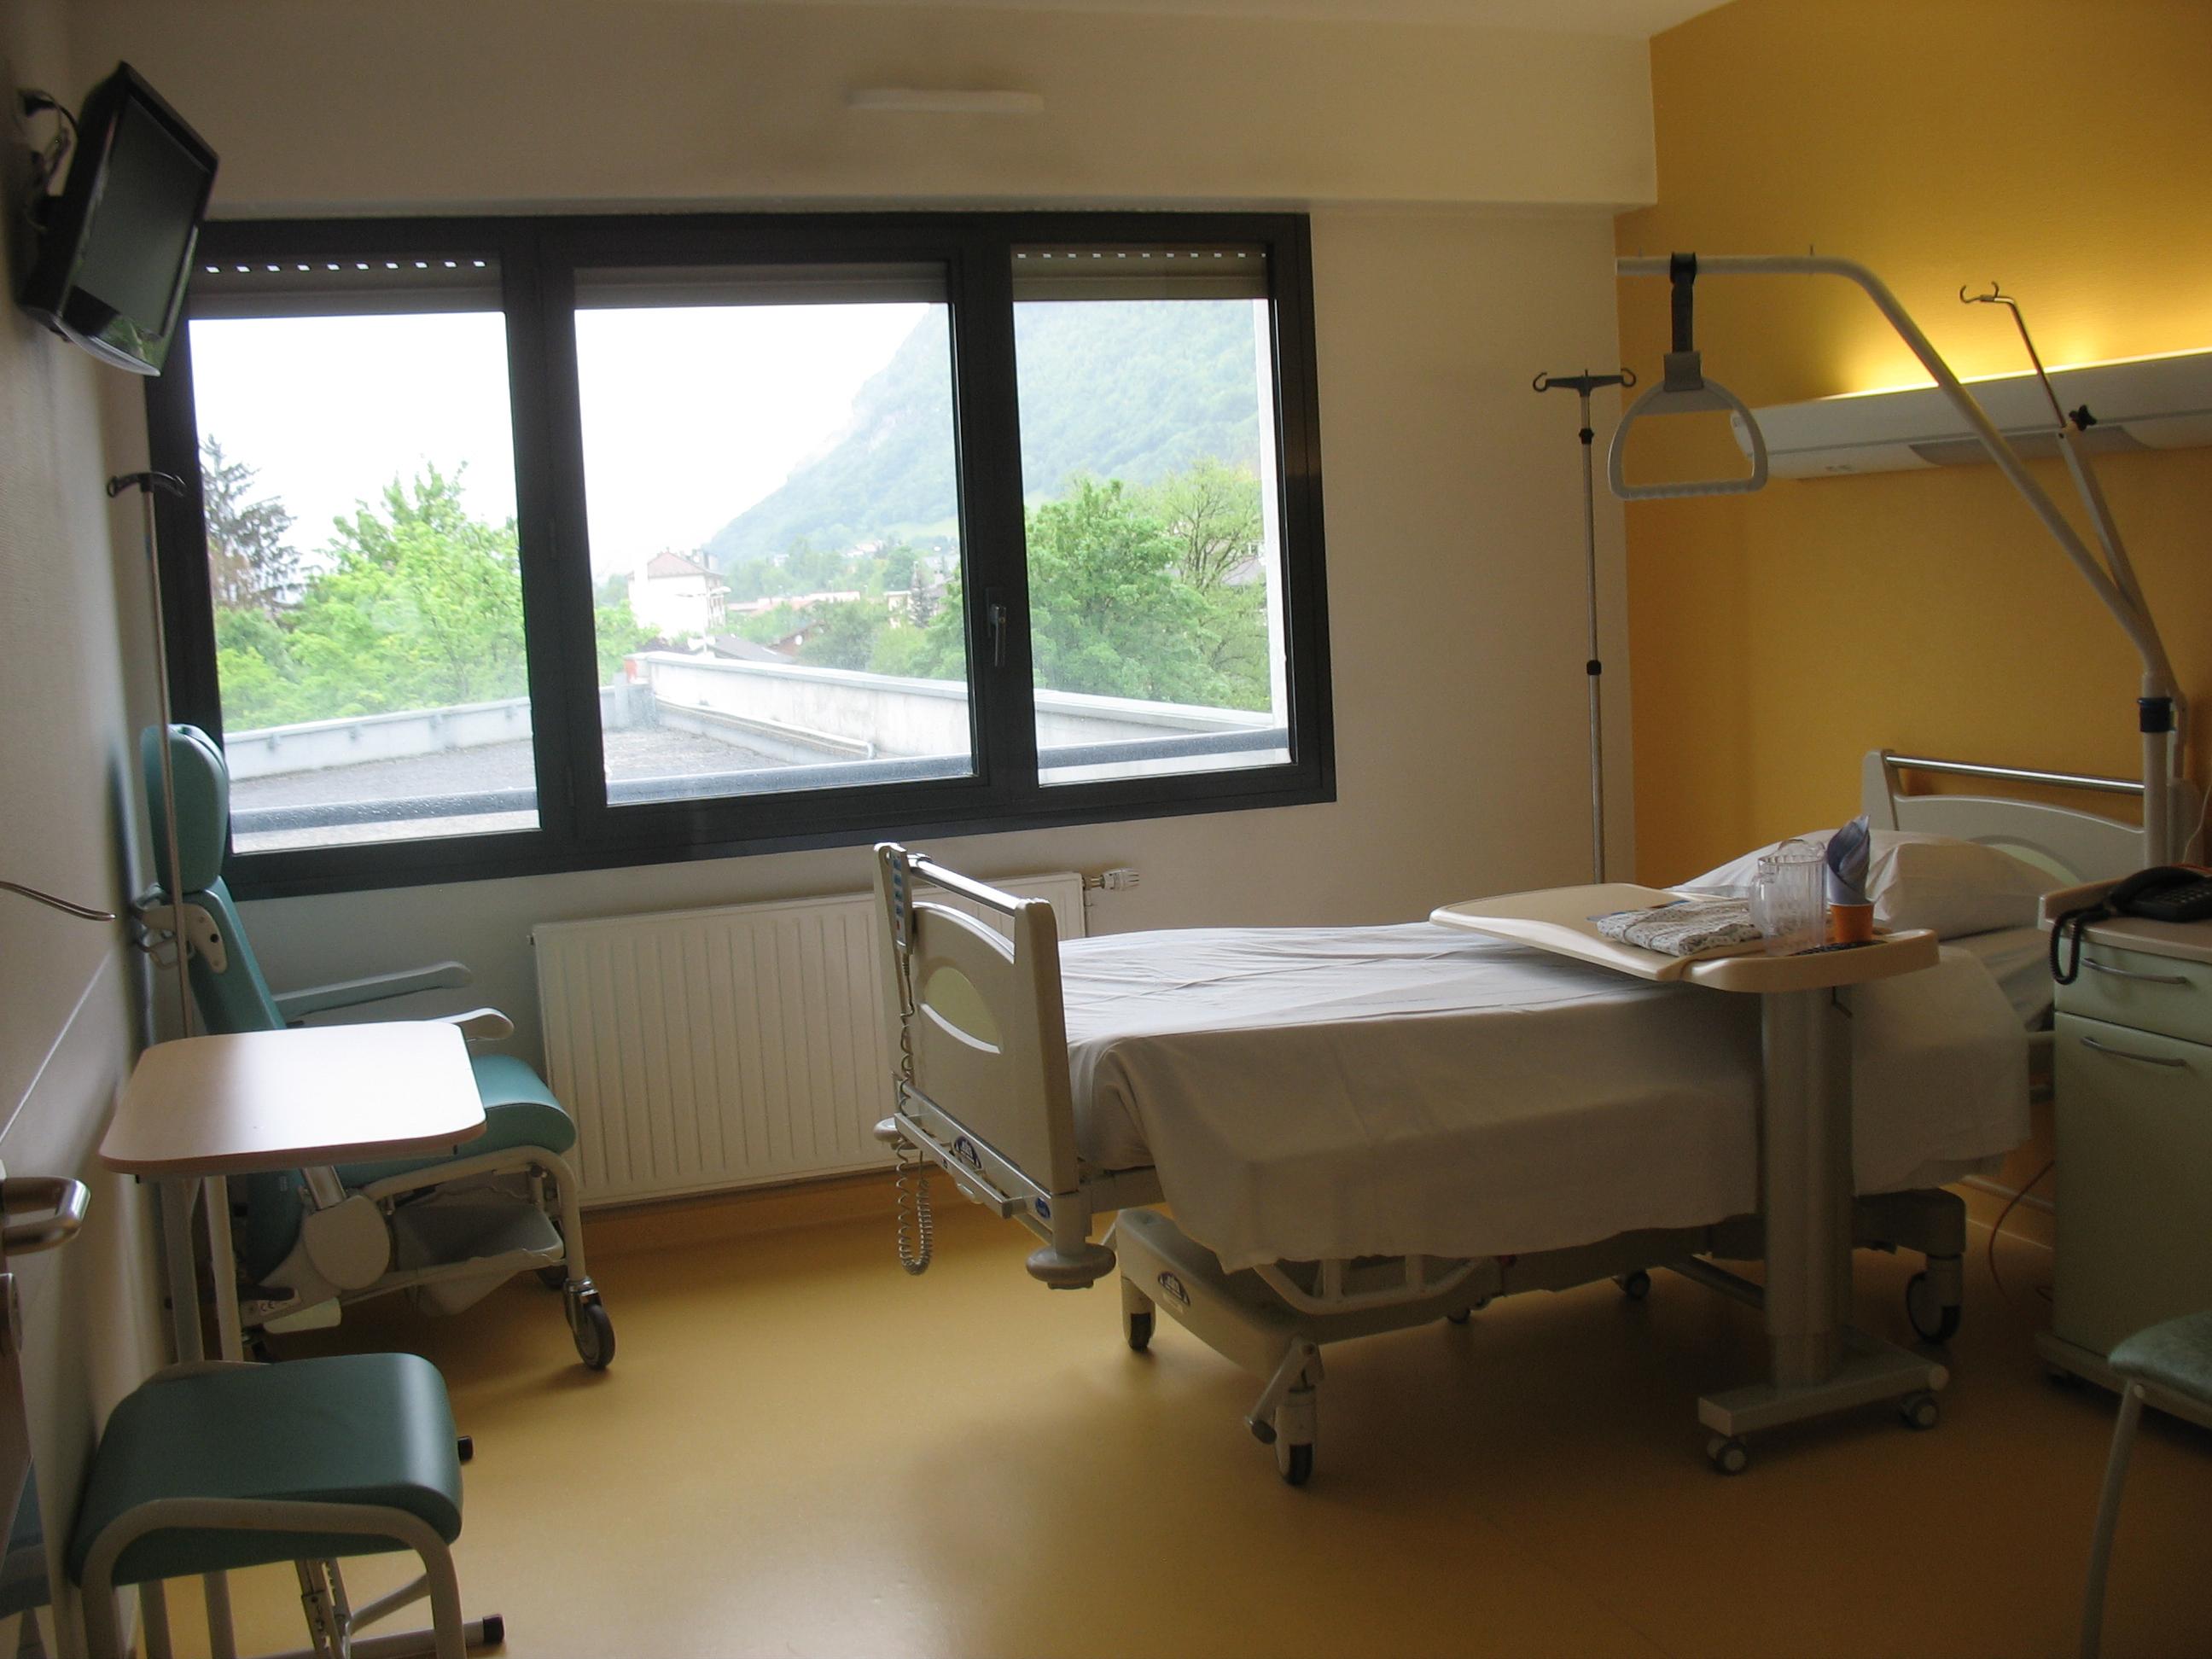 Hôpitaux Du Pays Du Mont BlancVotre Séjour   Hôpitaux Du Pays Du Mont Blanc